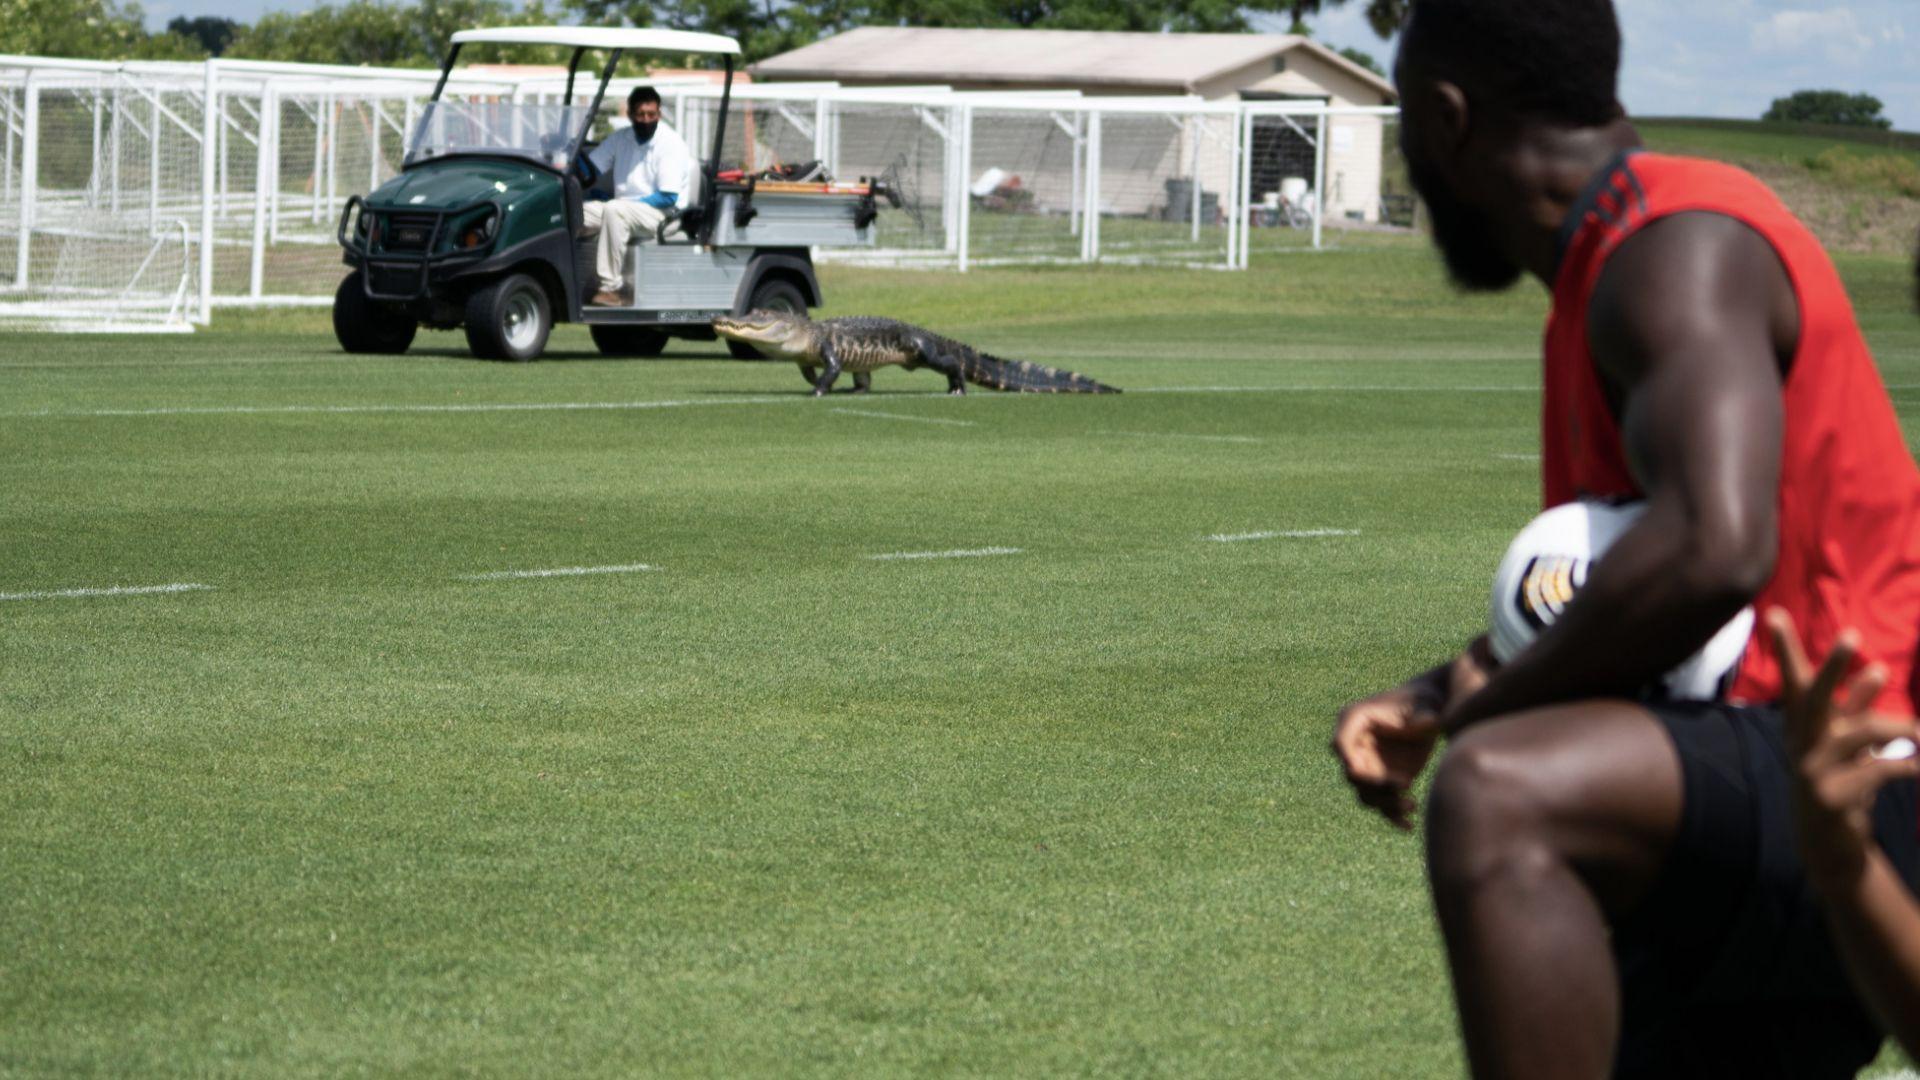 Алигатор прекъсна тренировката на футболен отбор в Щатите